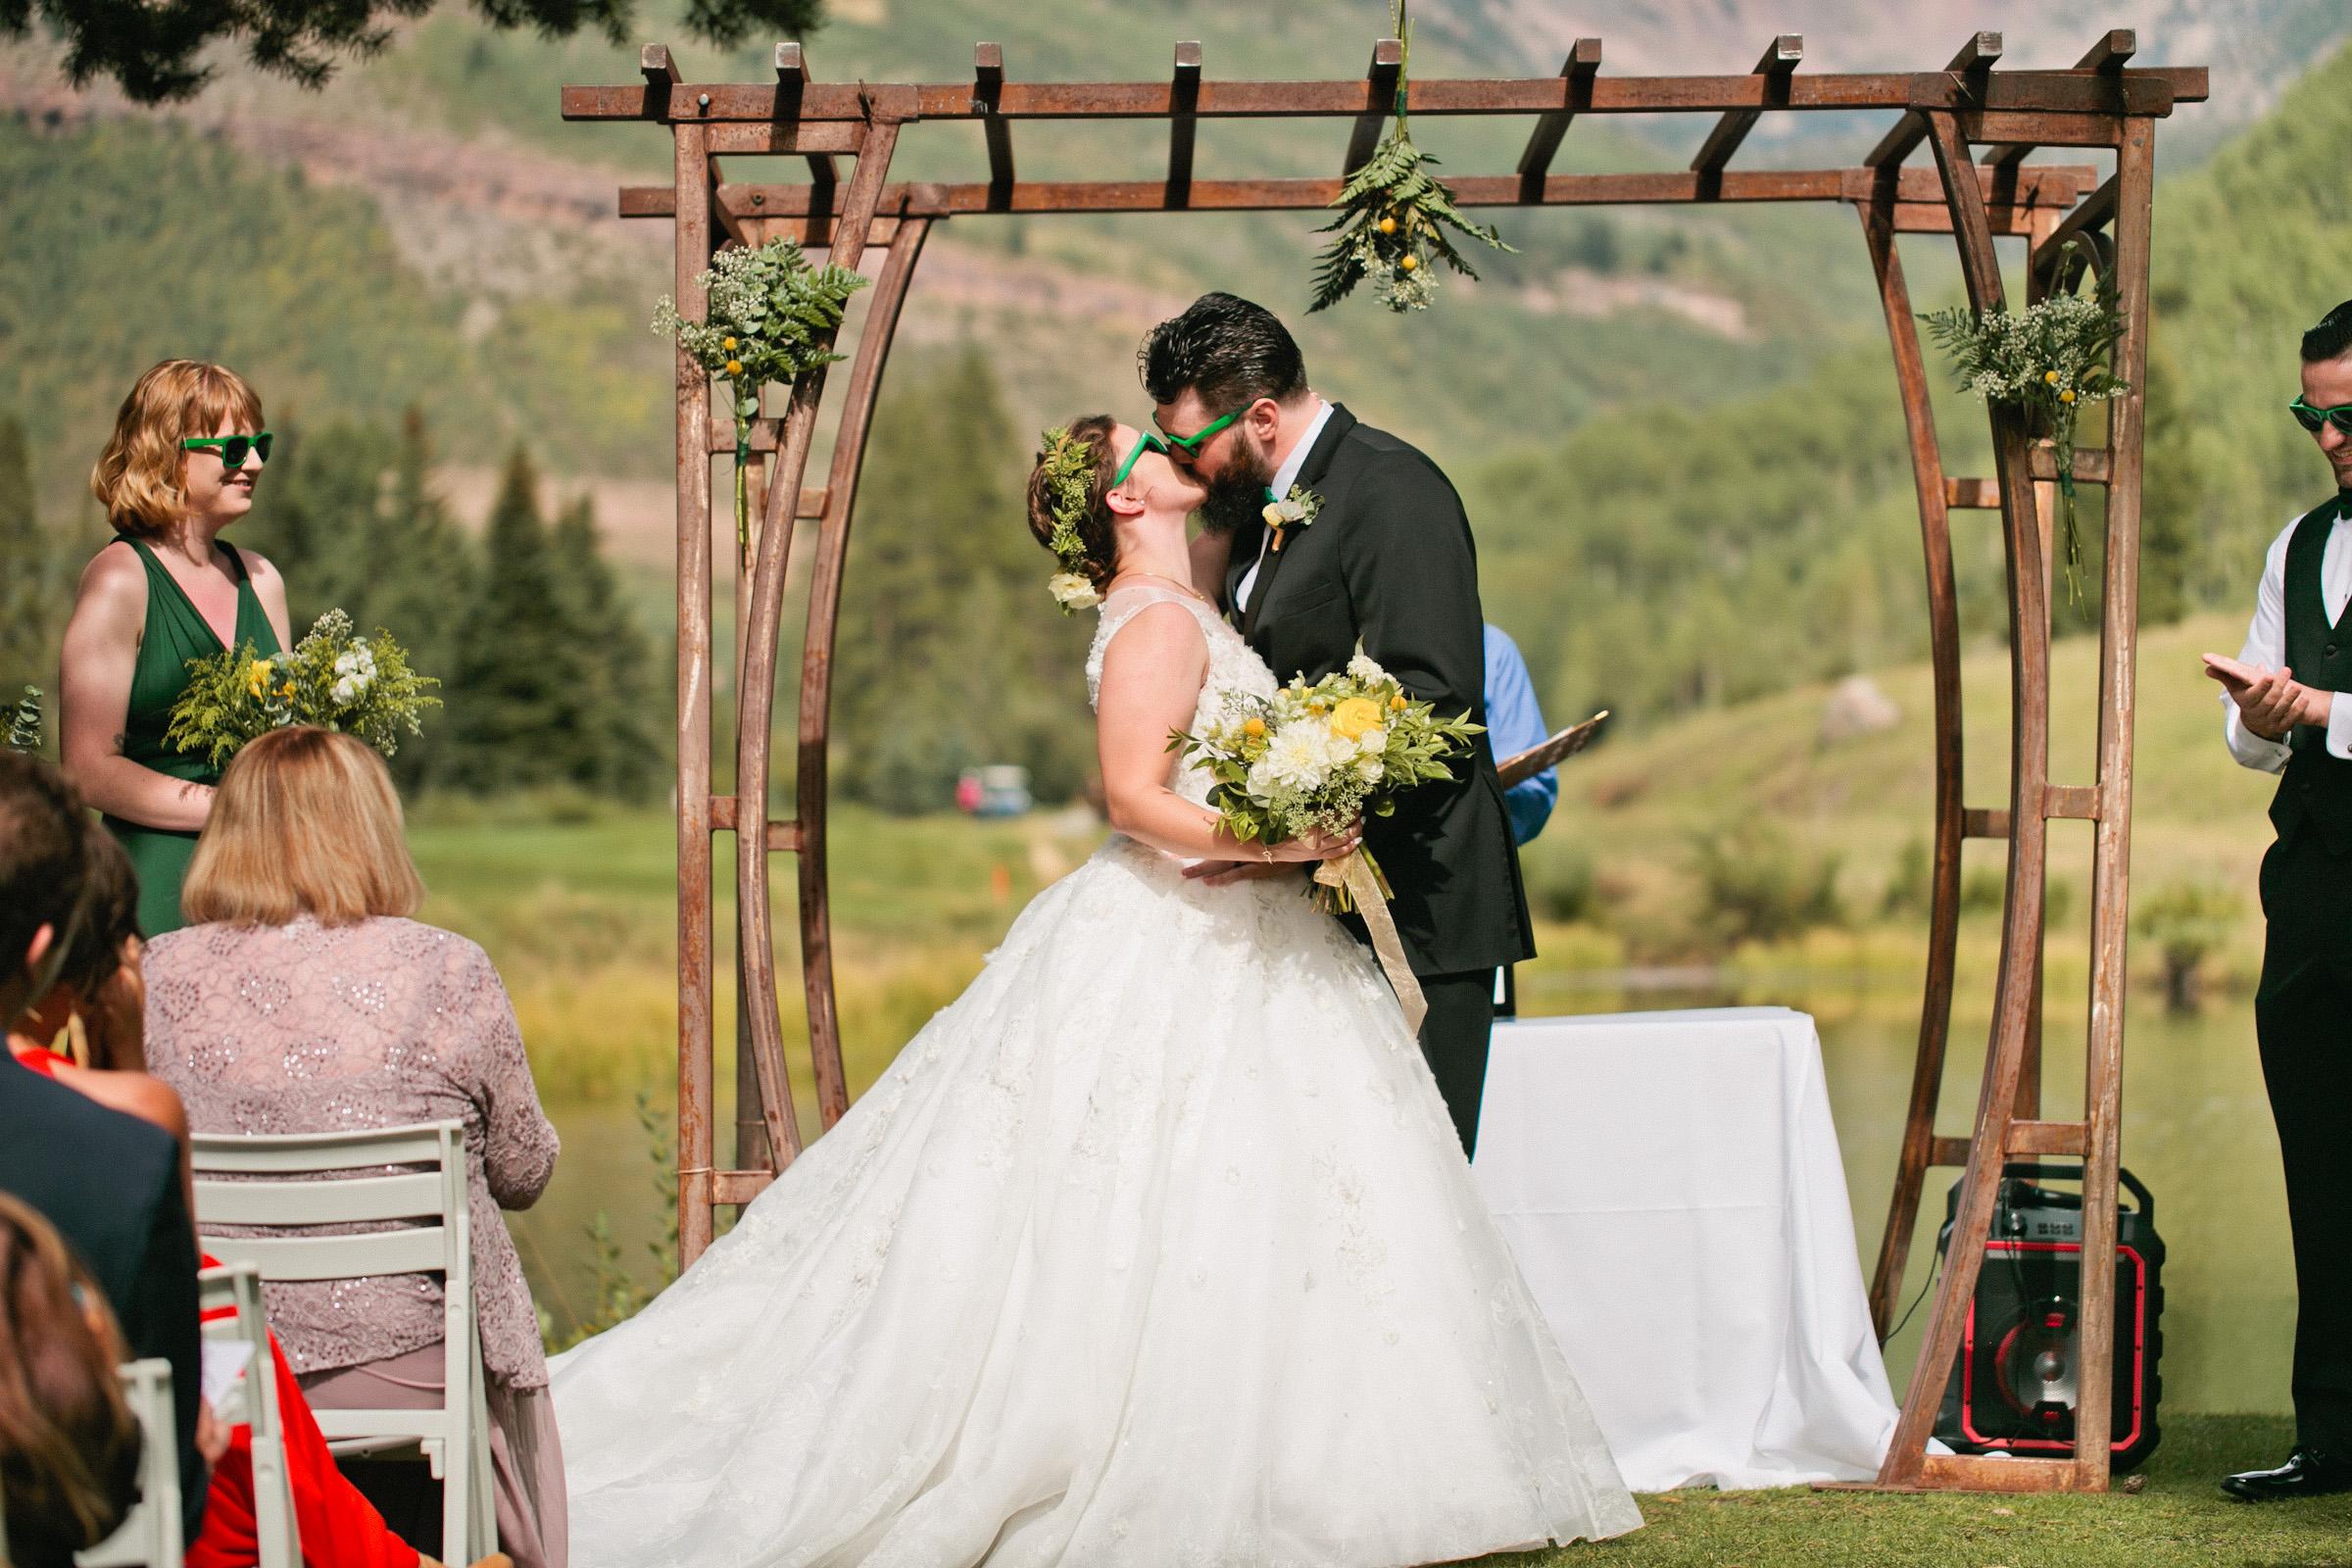 outdoor weddings in Colorado mounatin towns